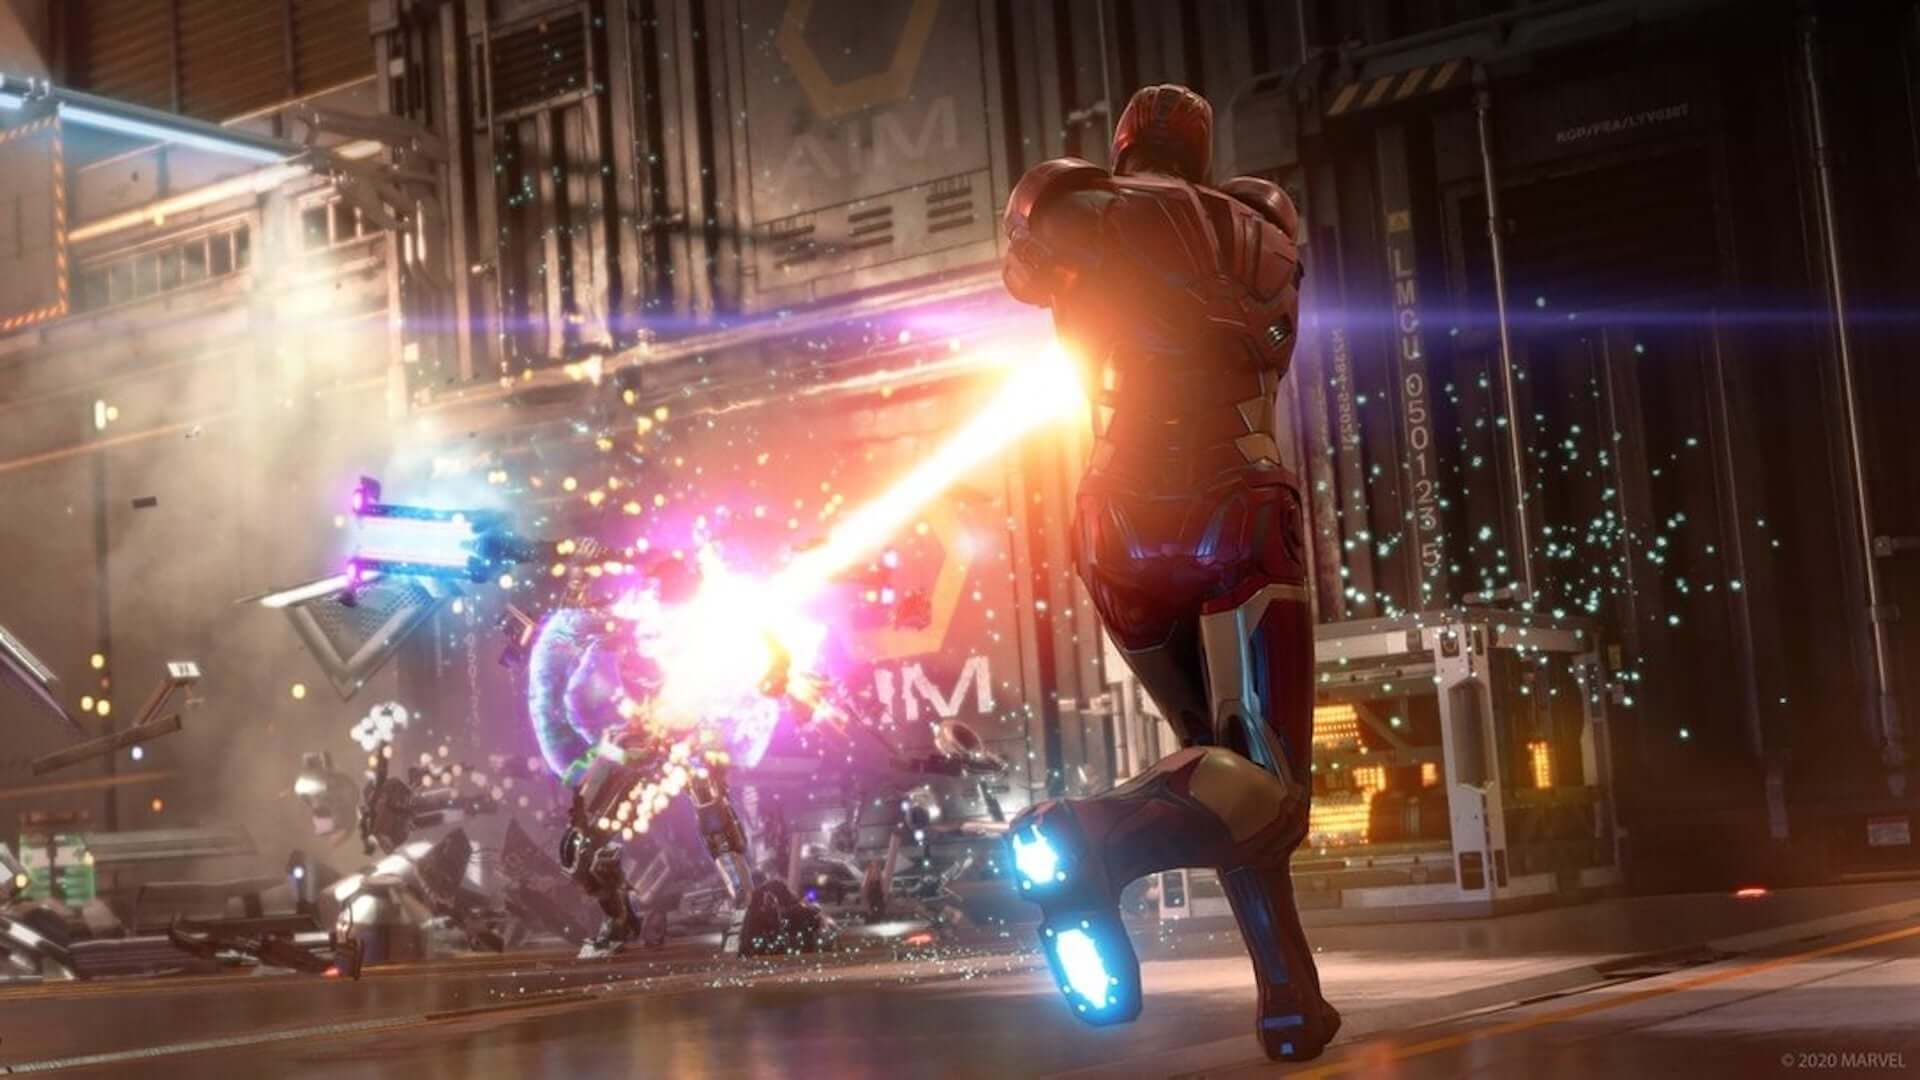 スクウェア・エニックス『Marvel's Avengers』のPlayStation 5/Xbox Series X版が発売決定!PS4/Xbox One版からの無料アップグレードも art200702_avengers_6-1920x1080